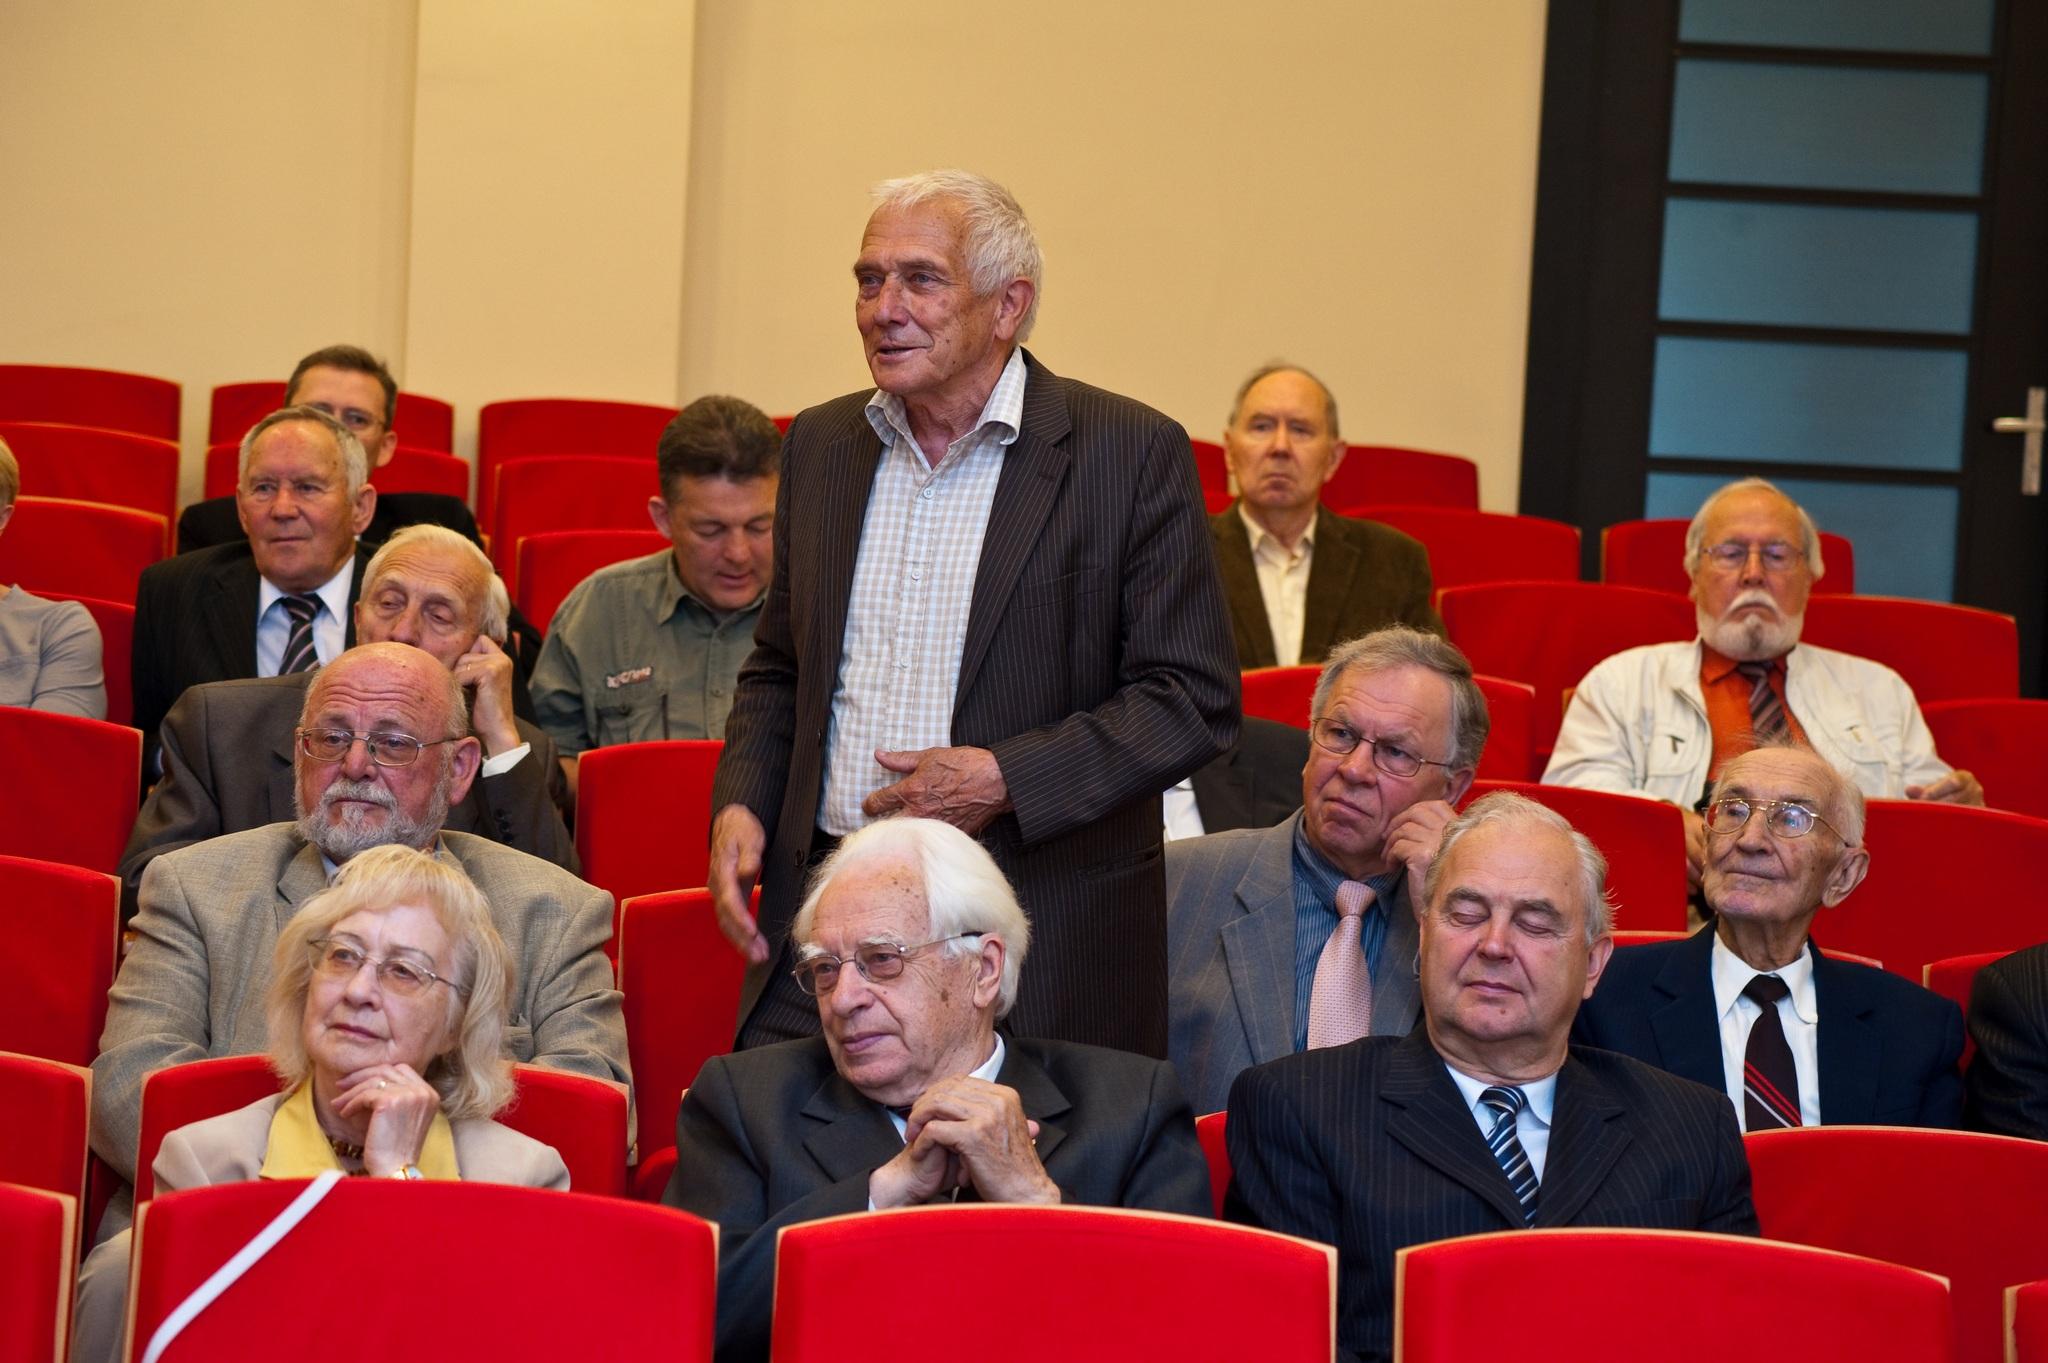 Prof. habil. dr. Povilo Balčiūno akademiniai skaitymai. KTU, 2017.06.23.